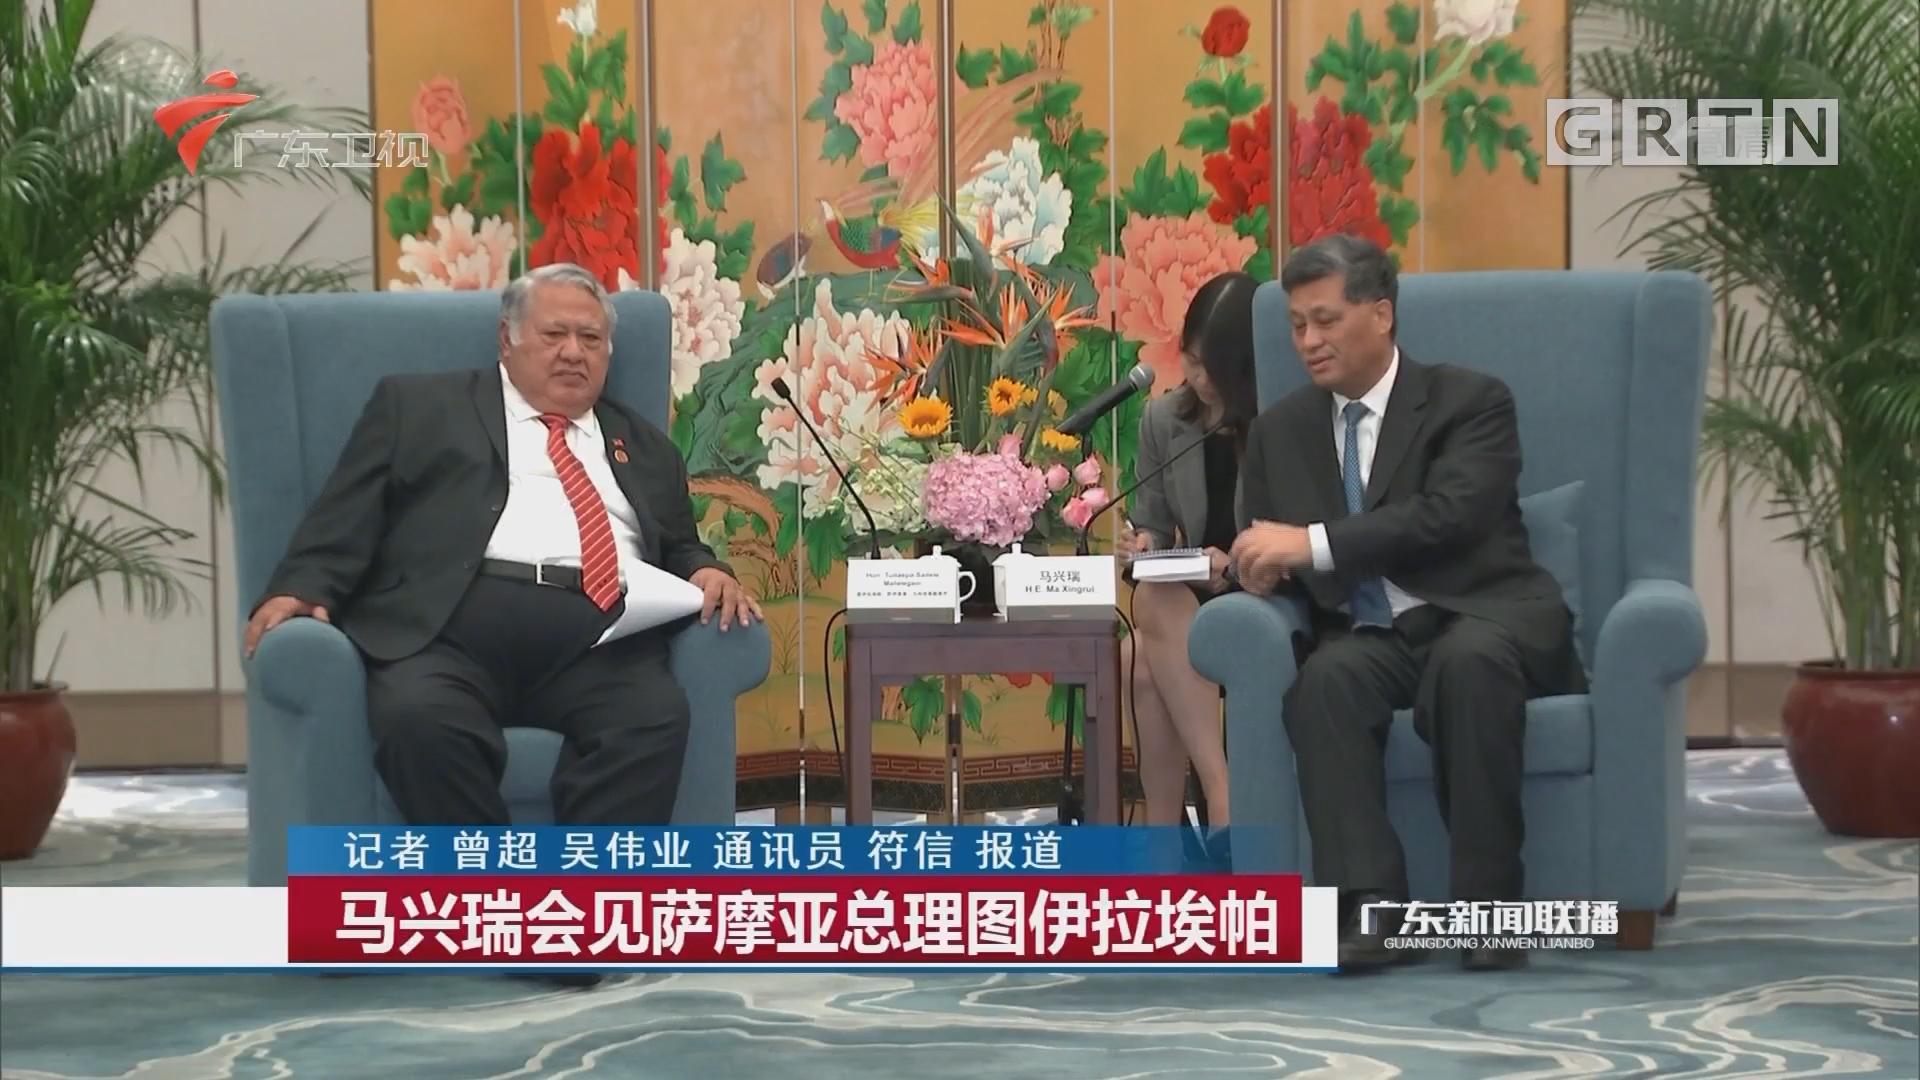 马兴瑞会见萨摩亚总理图伊拉埃帕